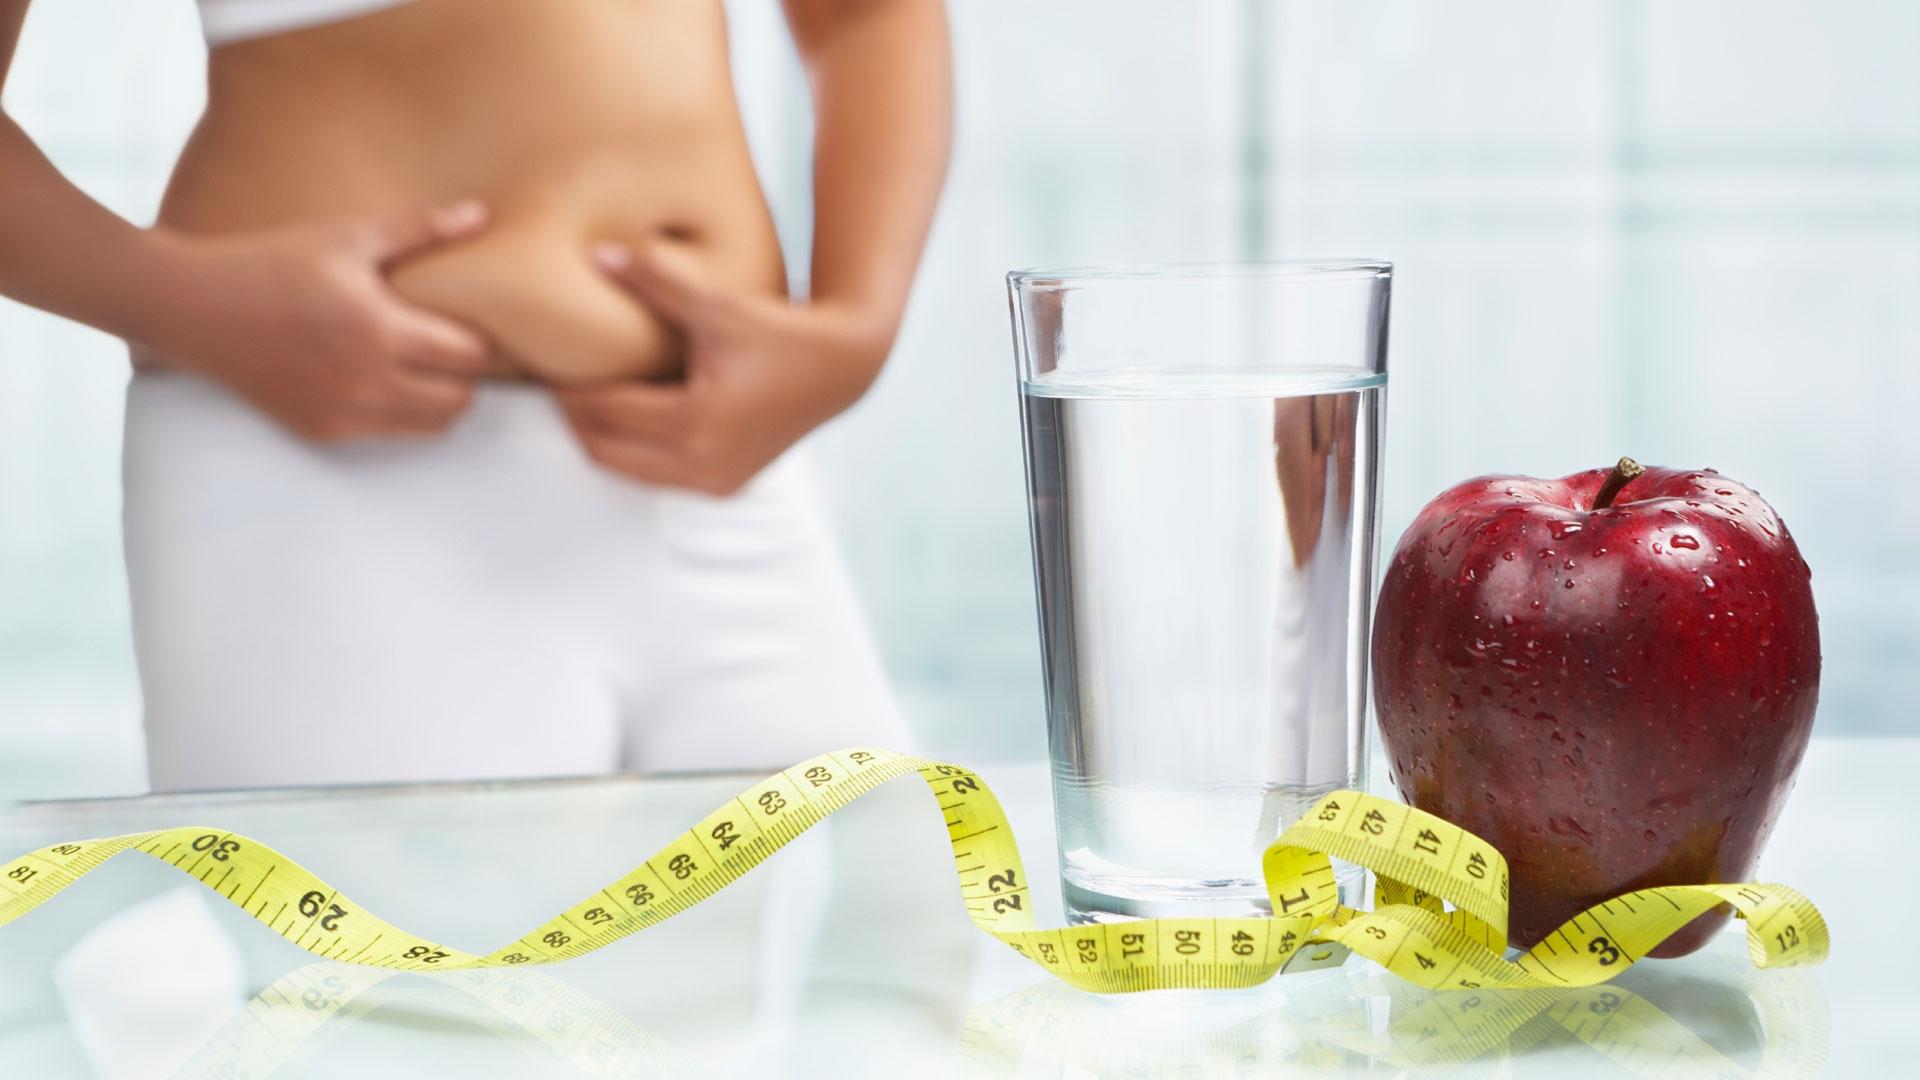 Dieta, para perder peso también debe elegir el momento adecuado